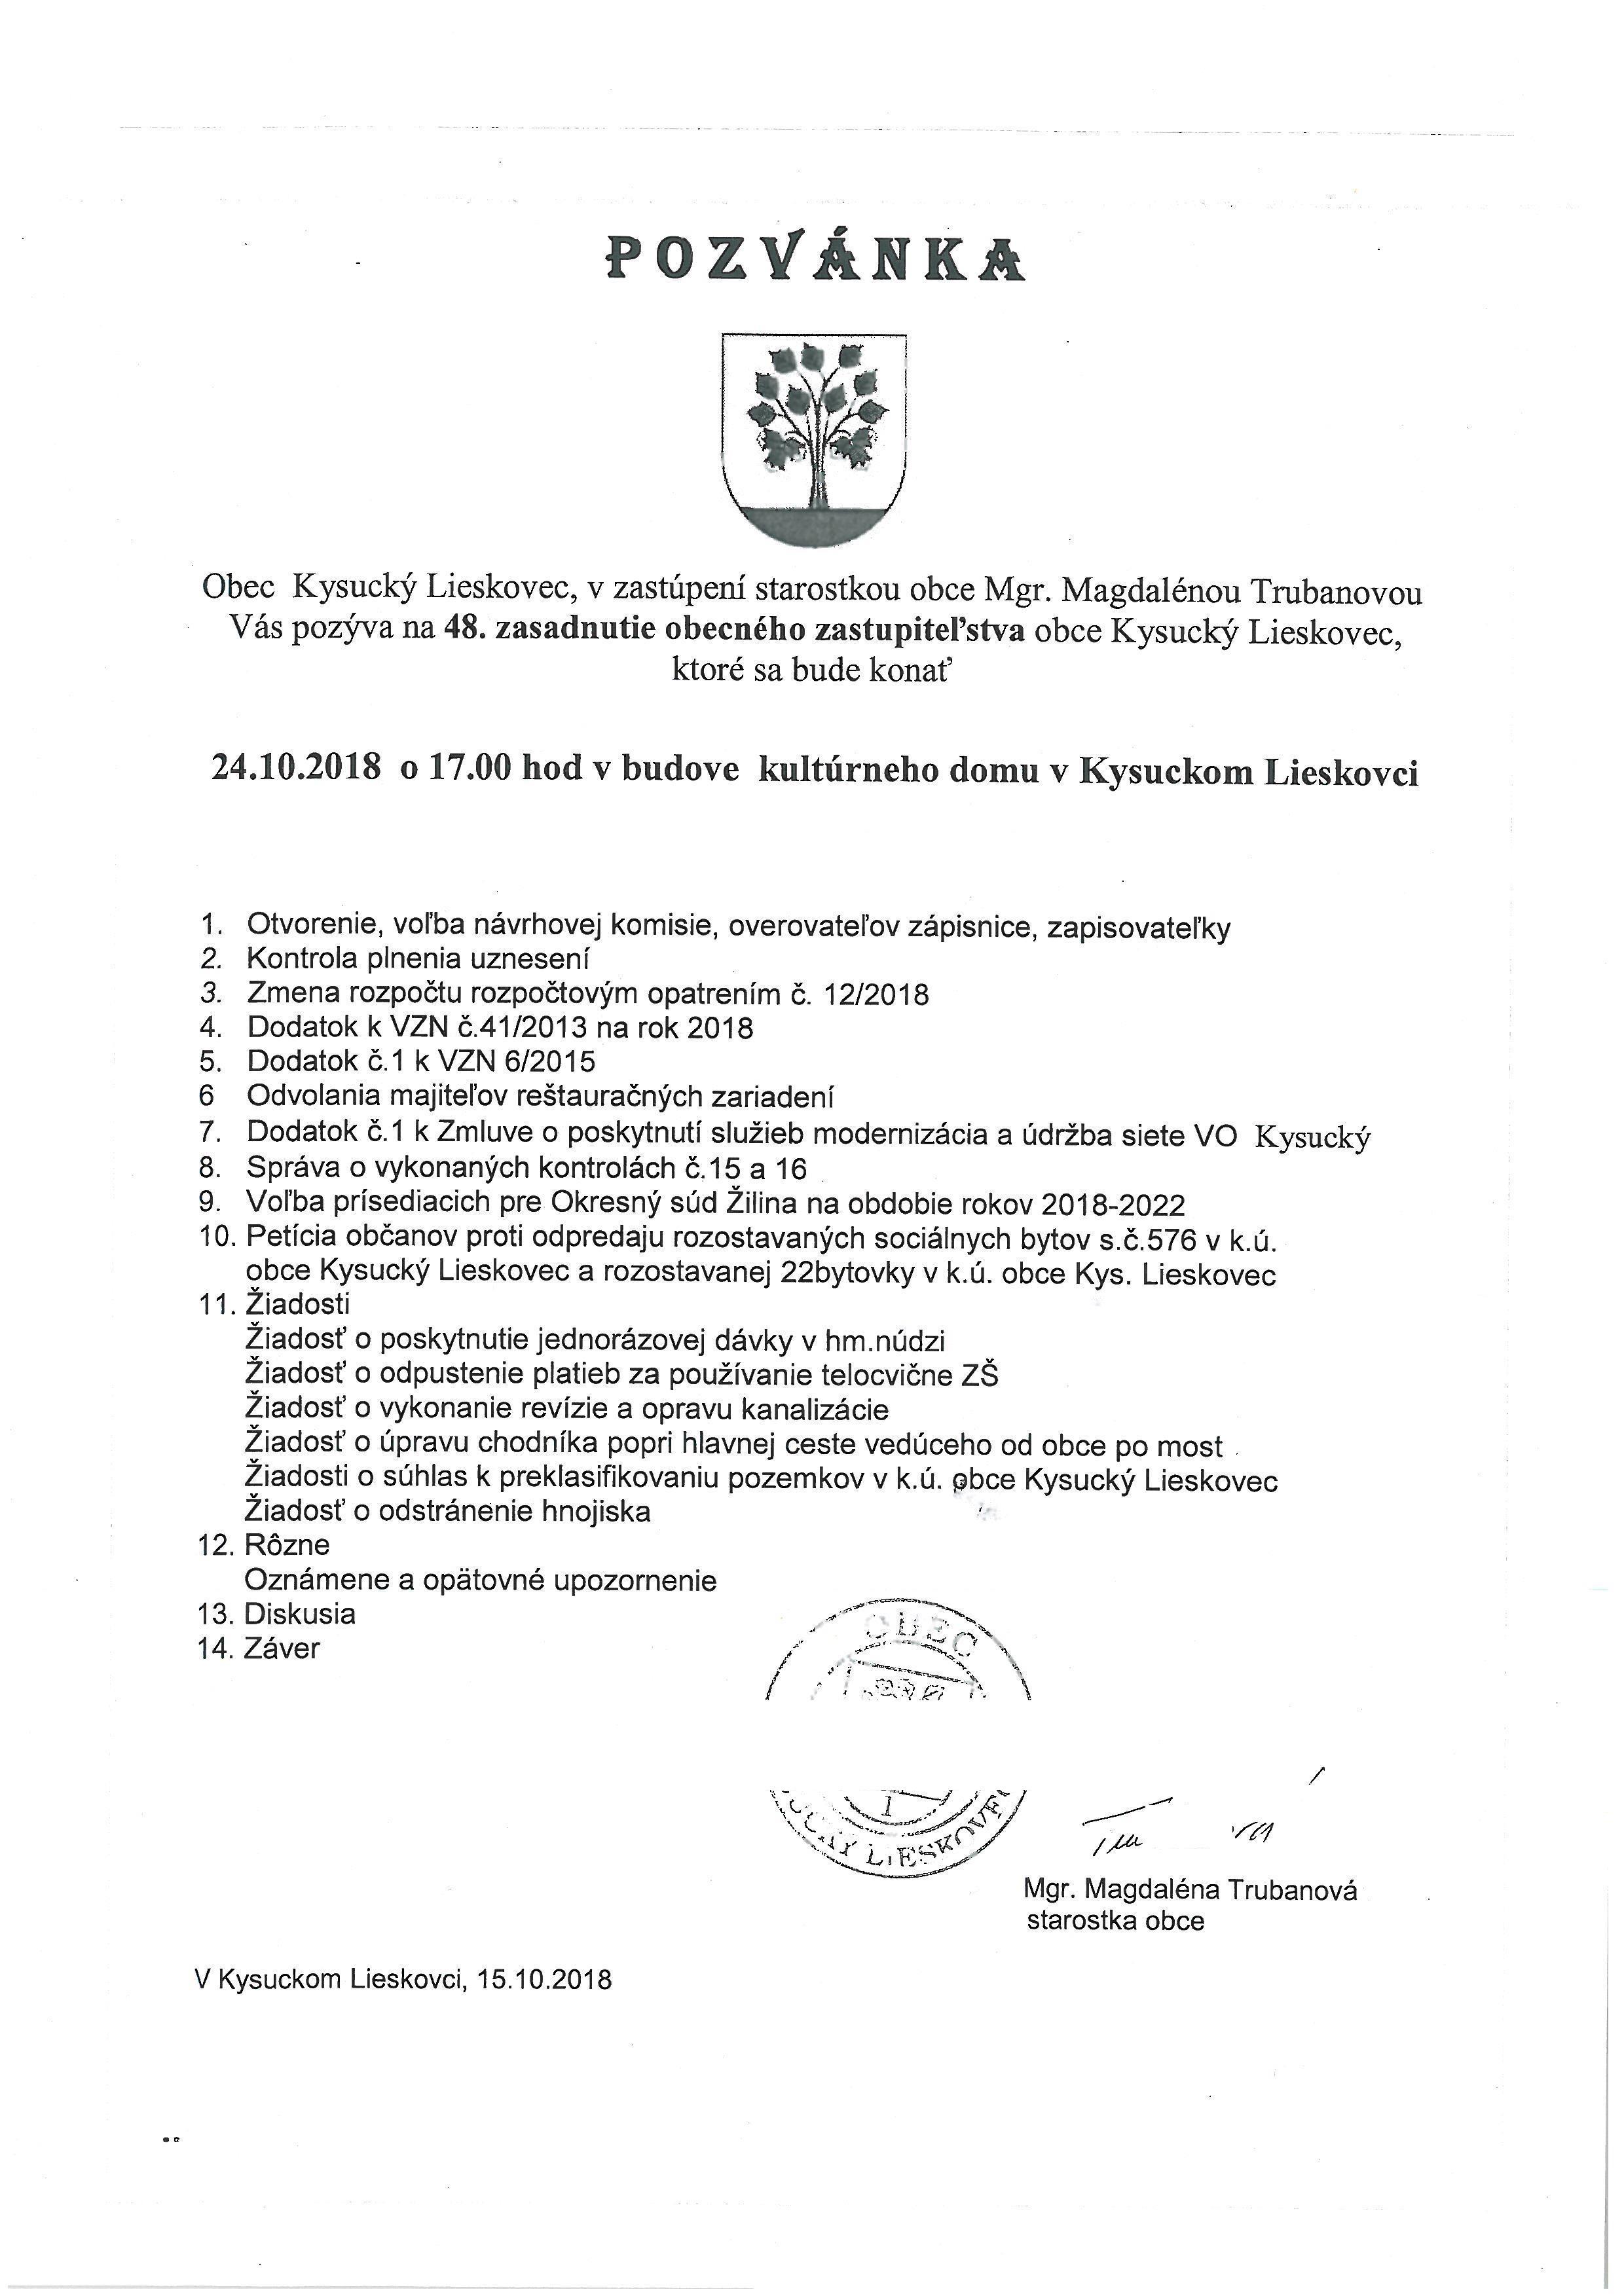 Pozvánka na 48. zasadnutie OZ obce Kysucký Lieskovec